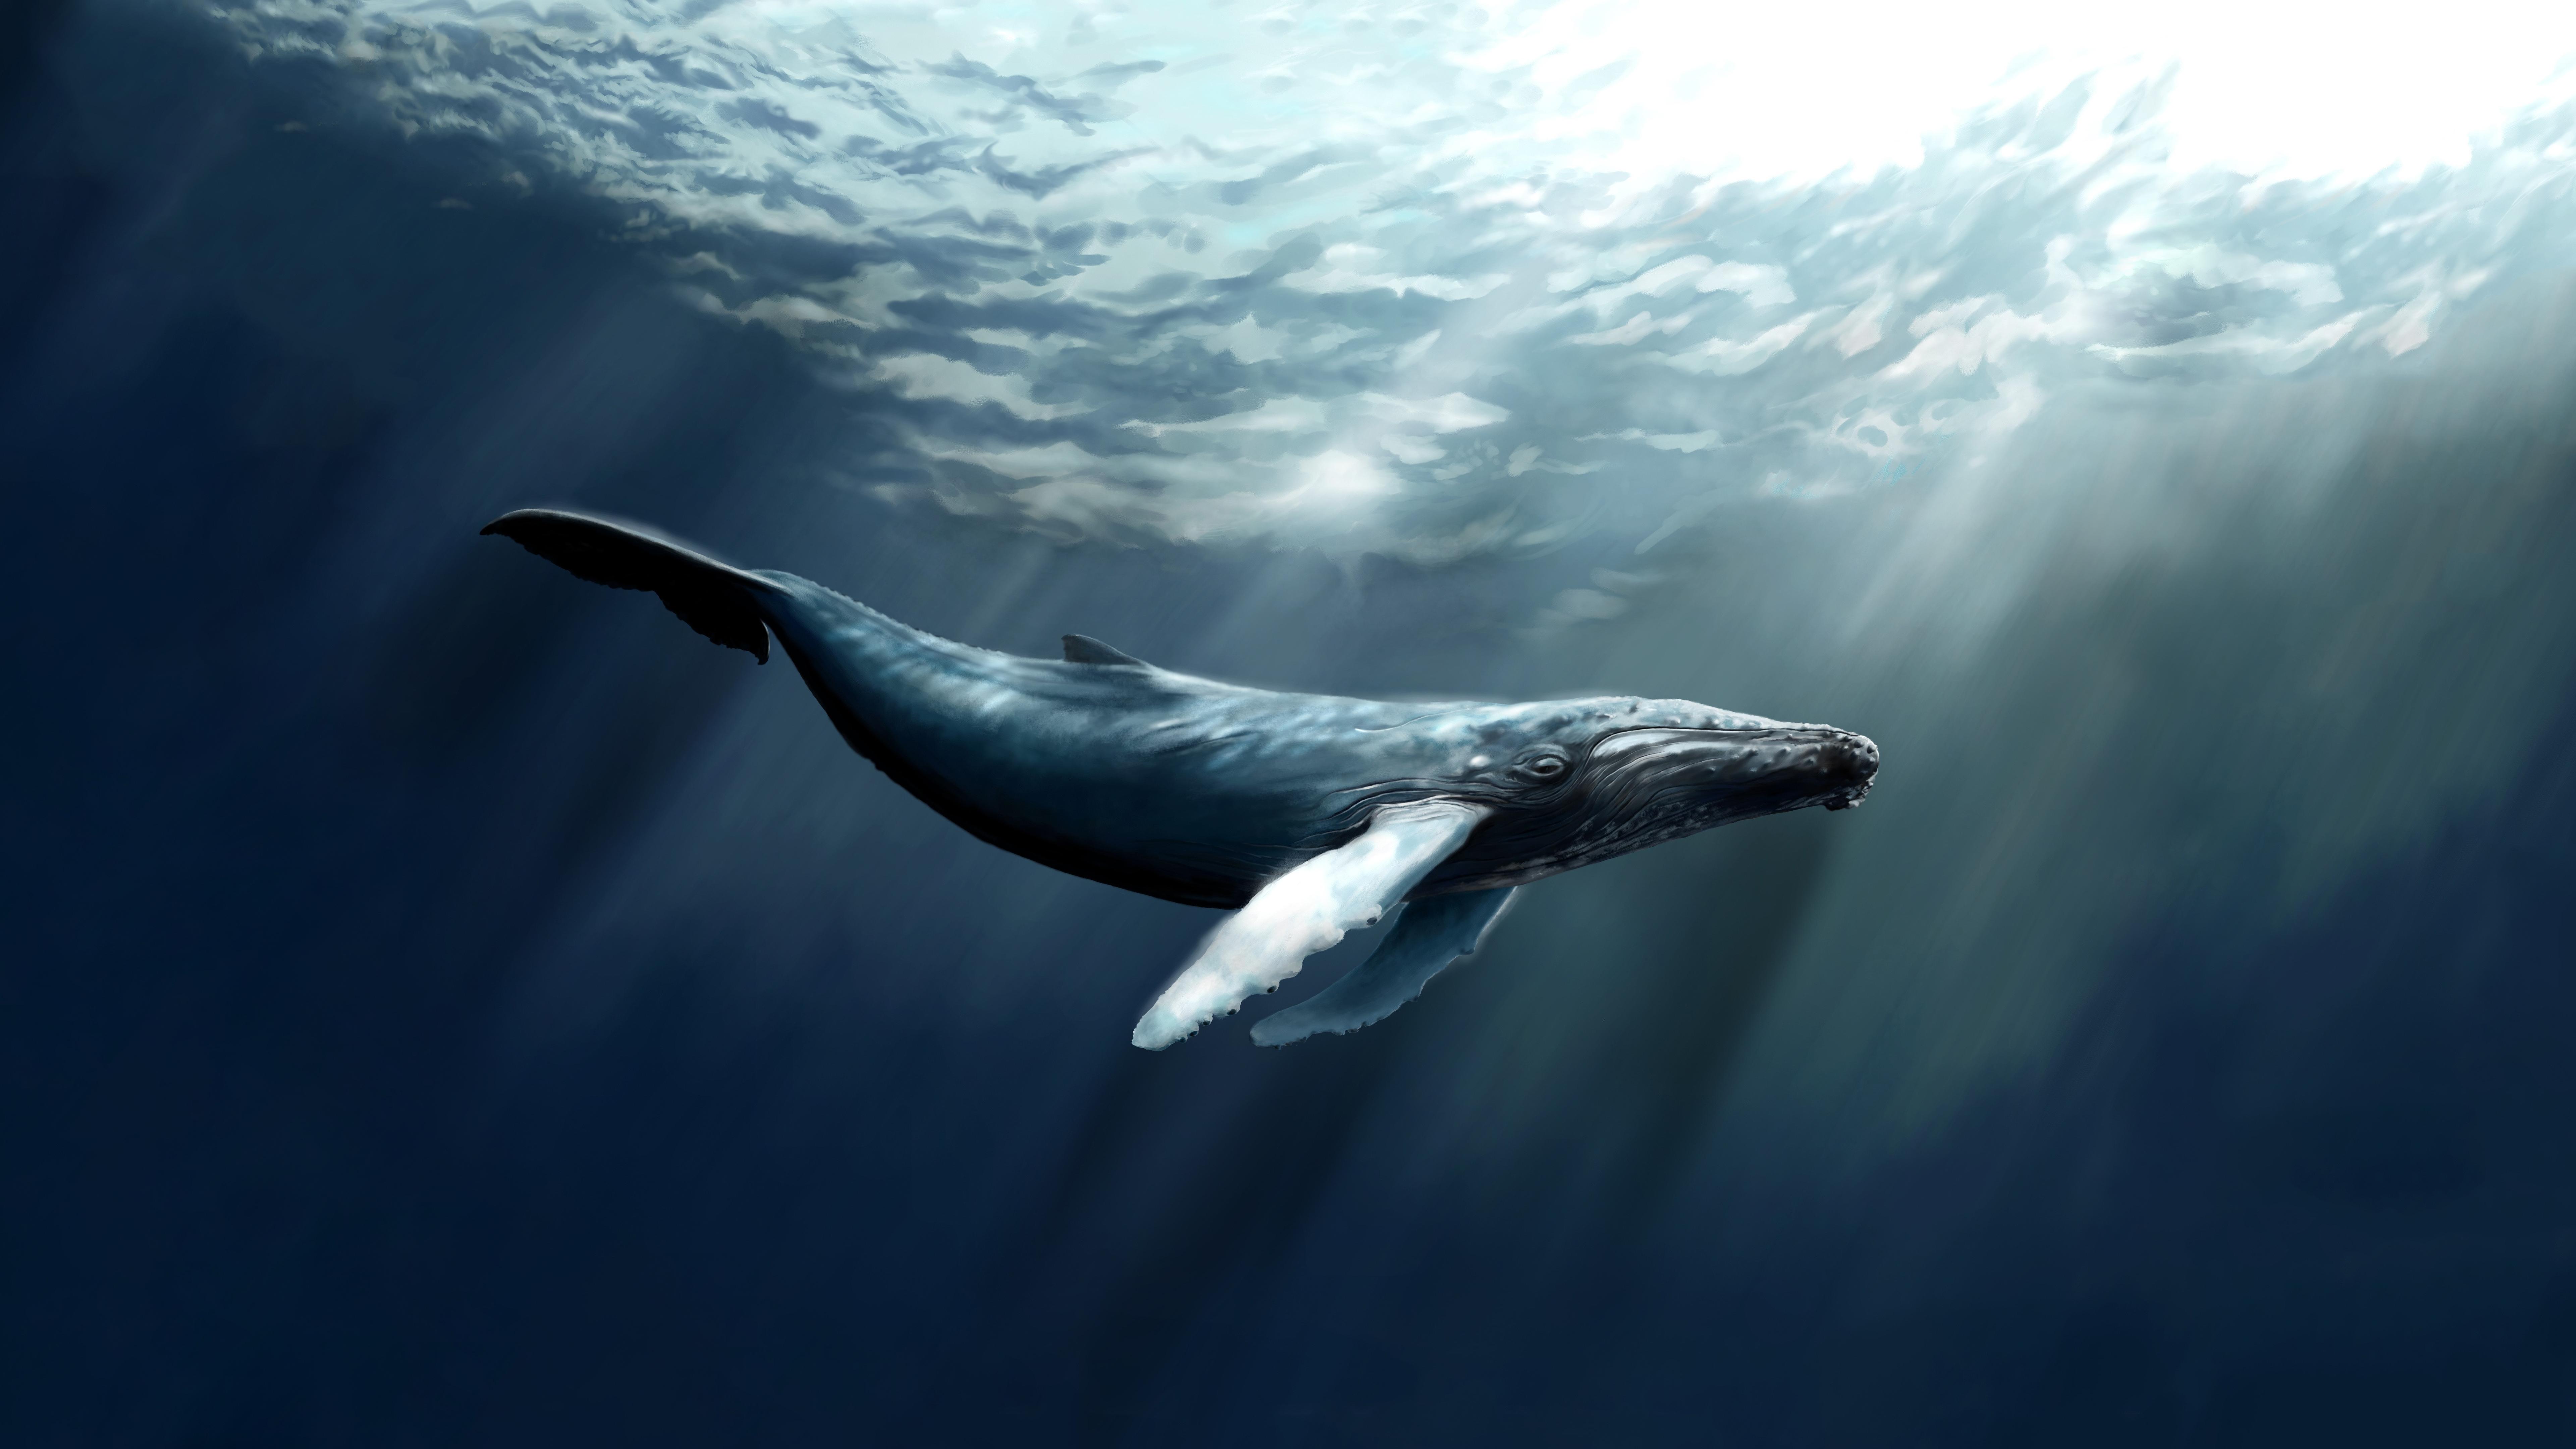 Картинка: Кит, горбатый, океан, поверхность, хвост, огромный